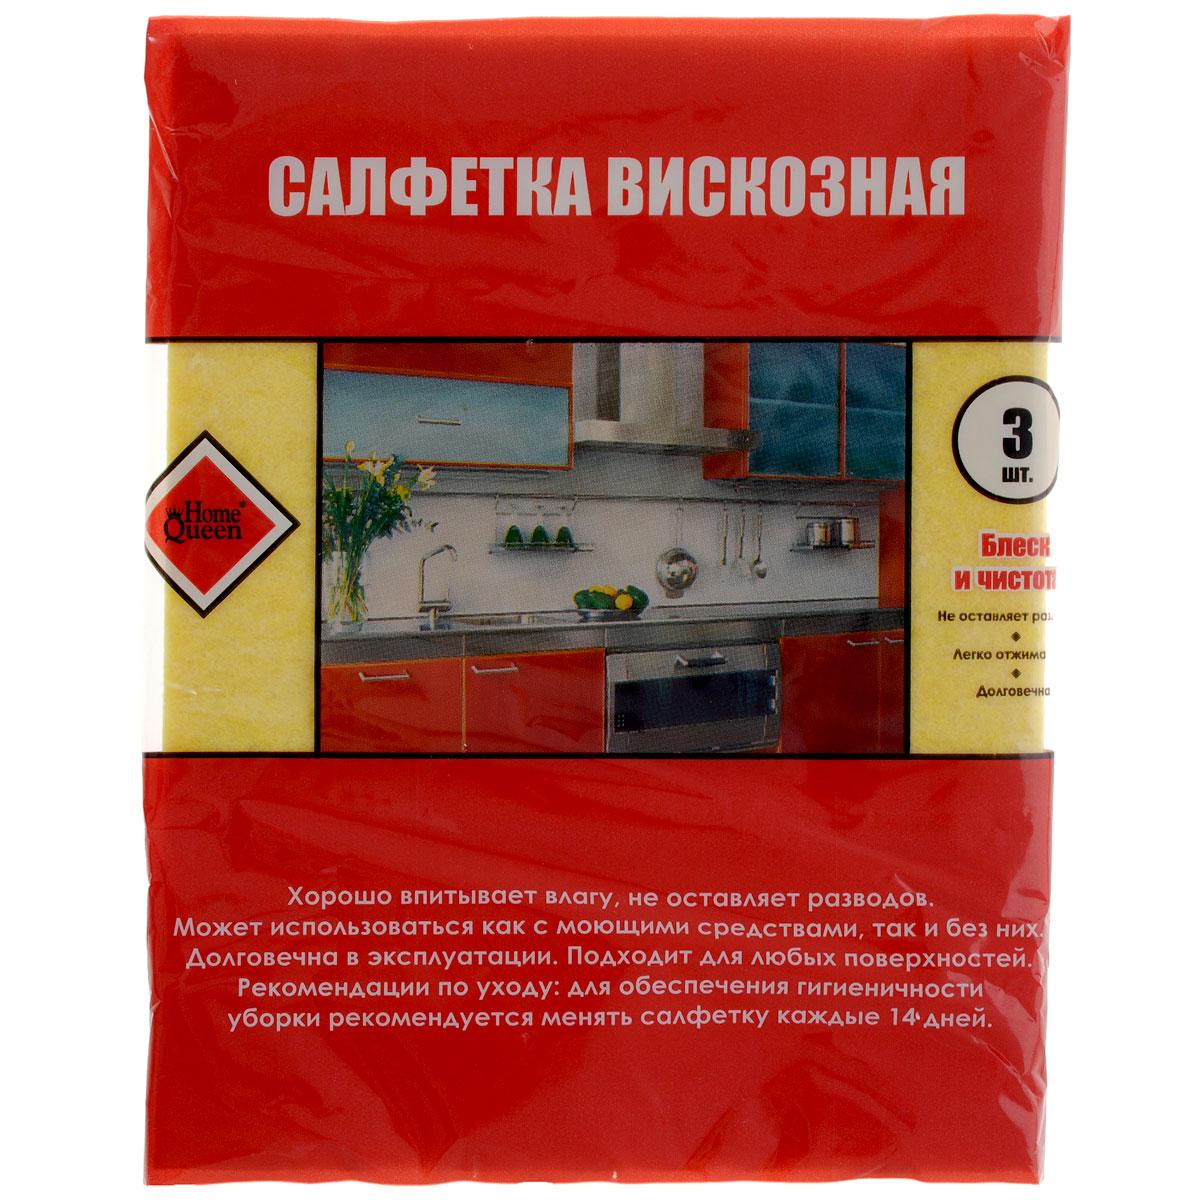 Салфетка для уборки Home Queen, цвет: желтый, 30 см х 38 см, 3 штCLP446Салфетка Home Queen, изготовленная из 65 % вискозы и 35 % полиэстера, предназначена для очищения загрязнений на любых поверхностях. Изделие обладает высокой износоустойчивостью и рассчитано на многократное использование, легко моется в теплой воде с мягкими чистящими средствами. Супервпитывающая салфетка не оставляет разводов и ворсинок, удаляет большинство жирных и маслянистых загрязнений без использования химических средств. Комплектация: 3 шт.